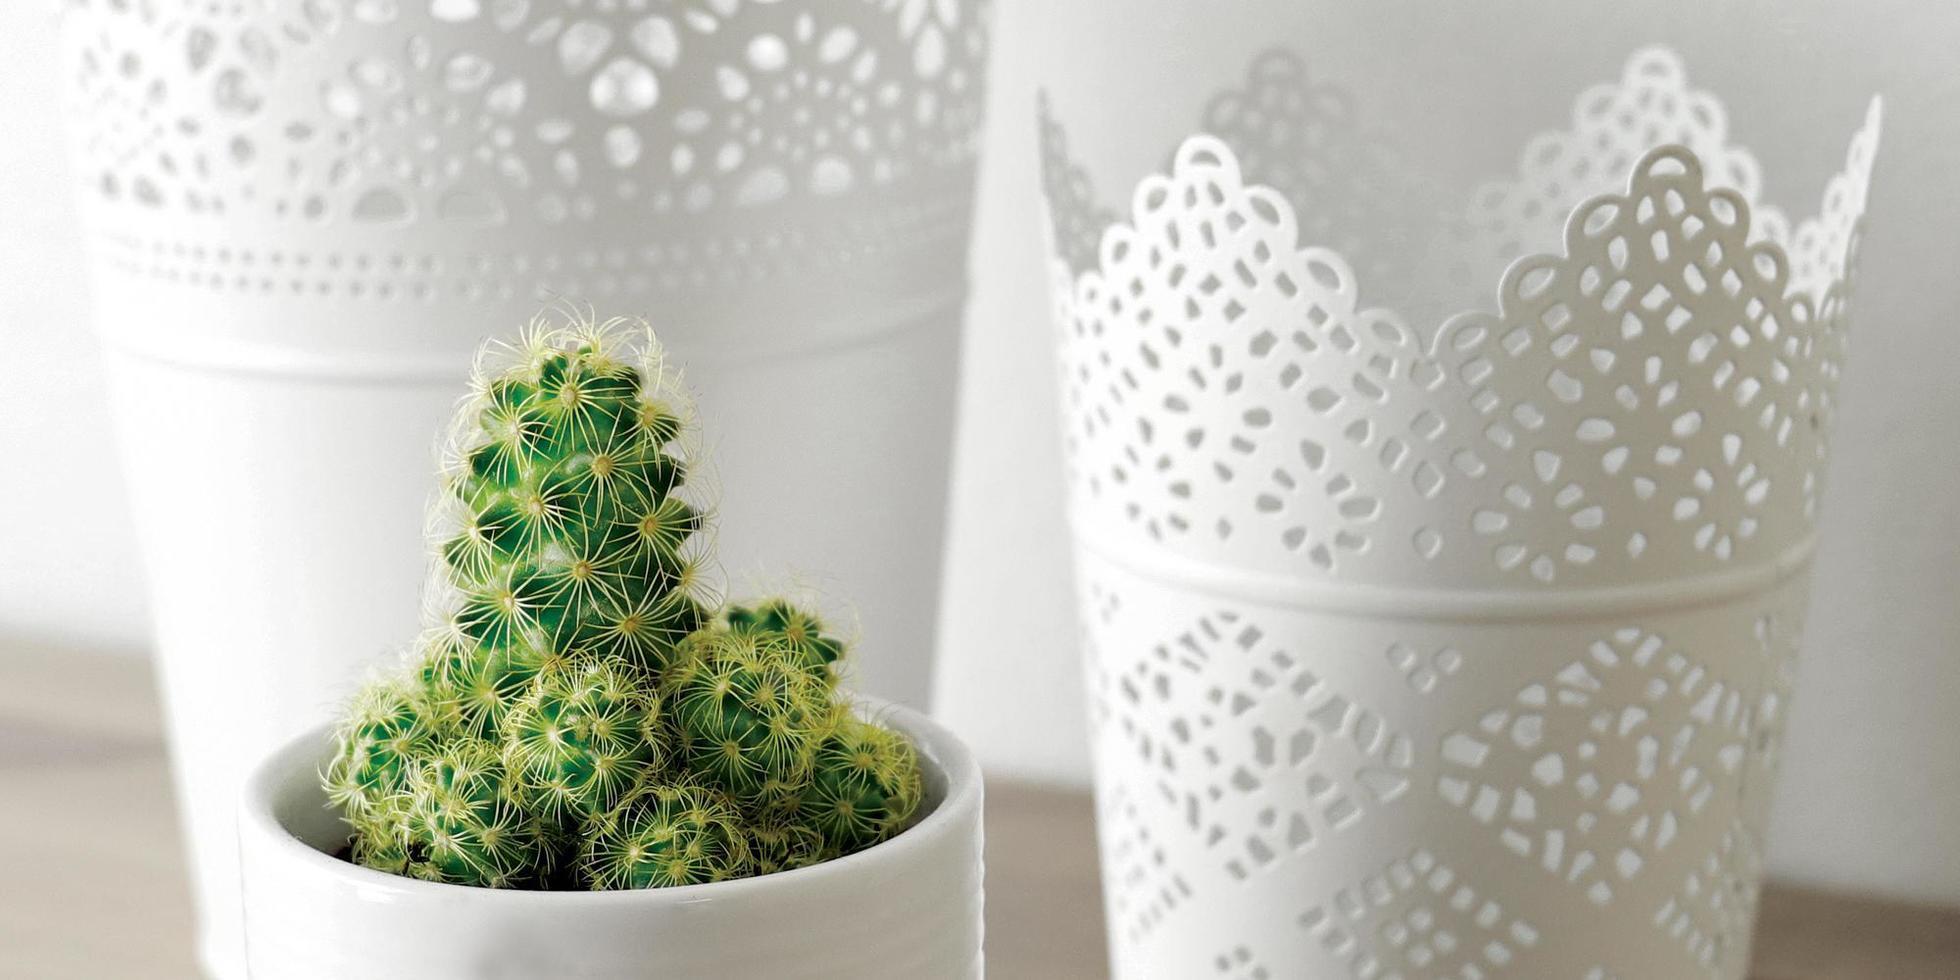 cactus près de bings blancs photo